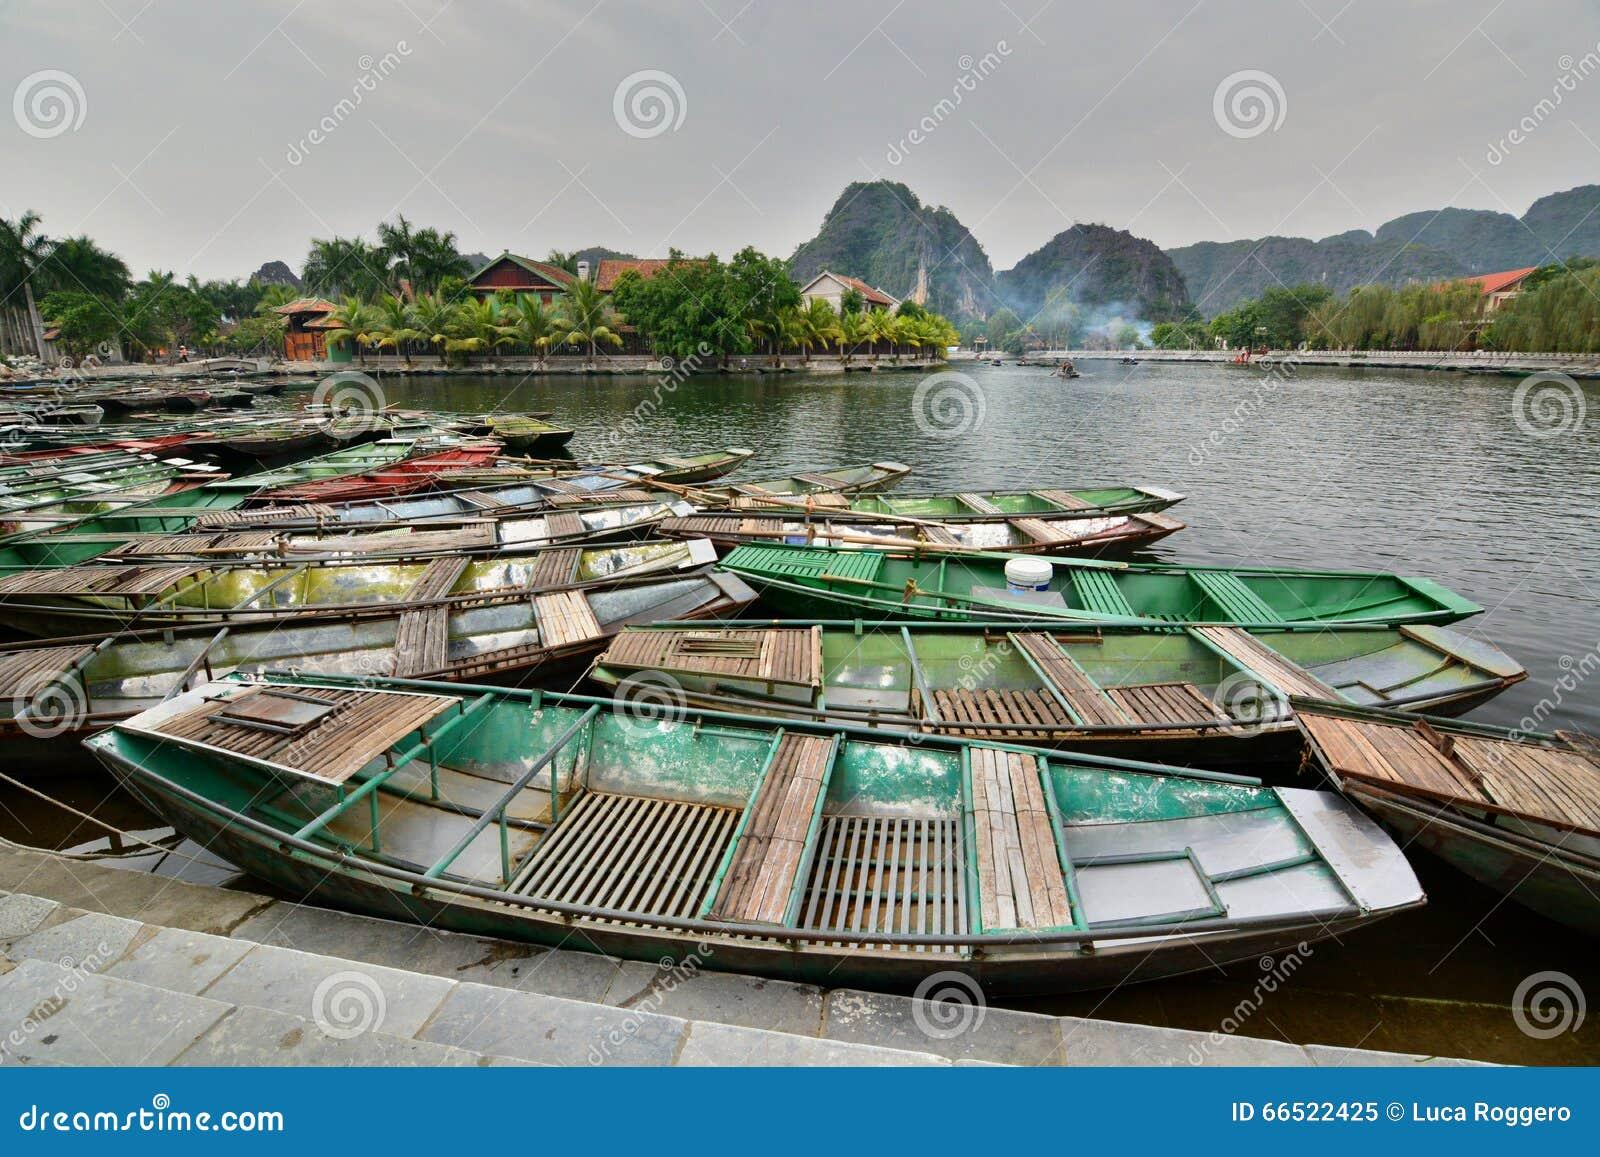 Bateaux de touristes sur la rivière de Ngo Dong Tam Coc Ninh Binh vietnam